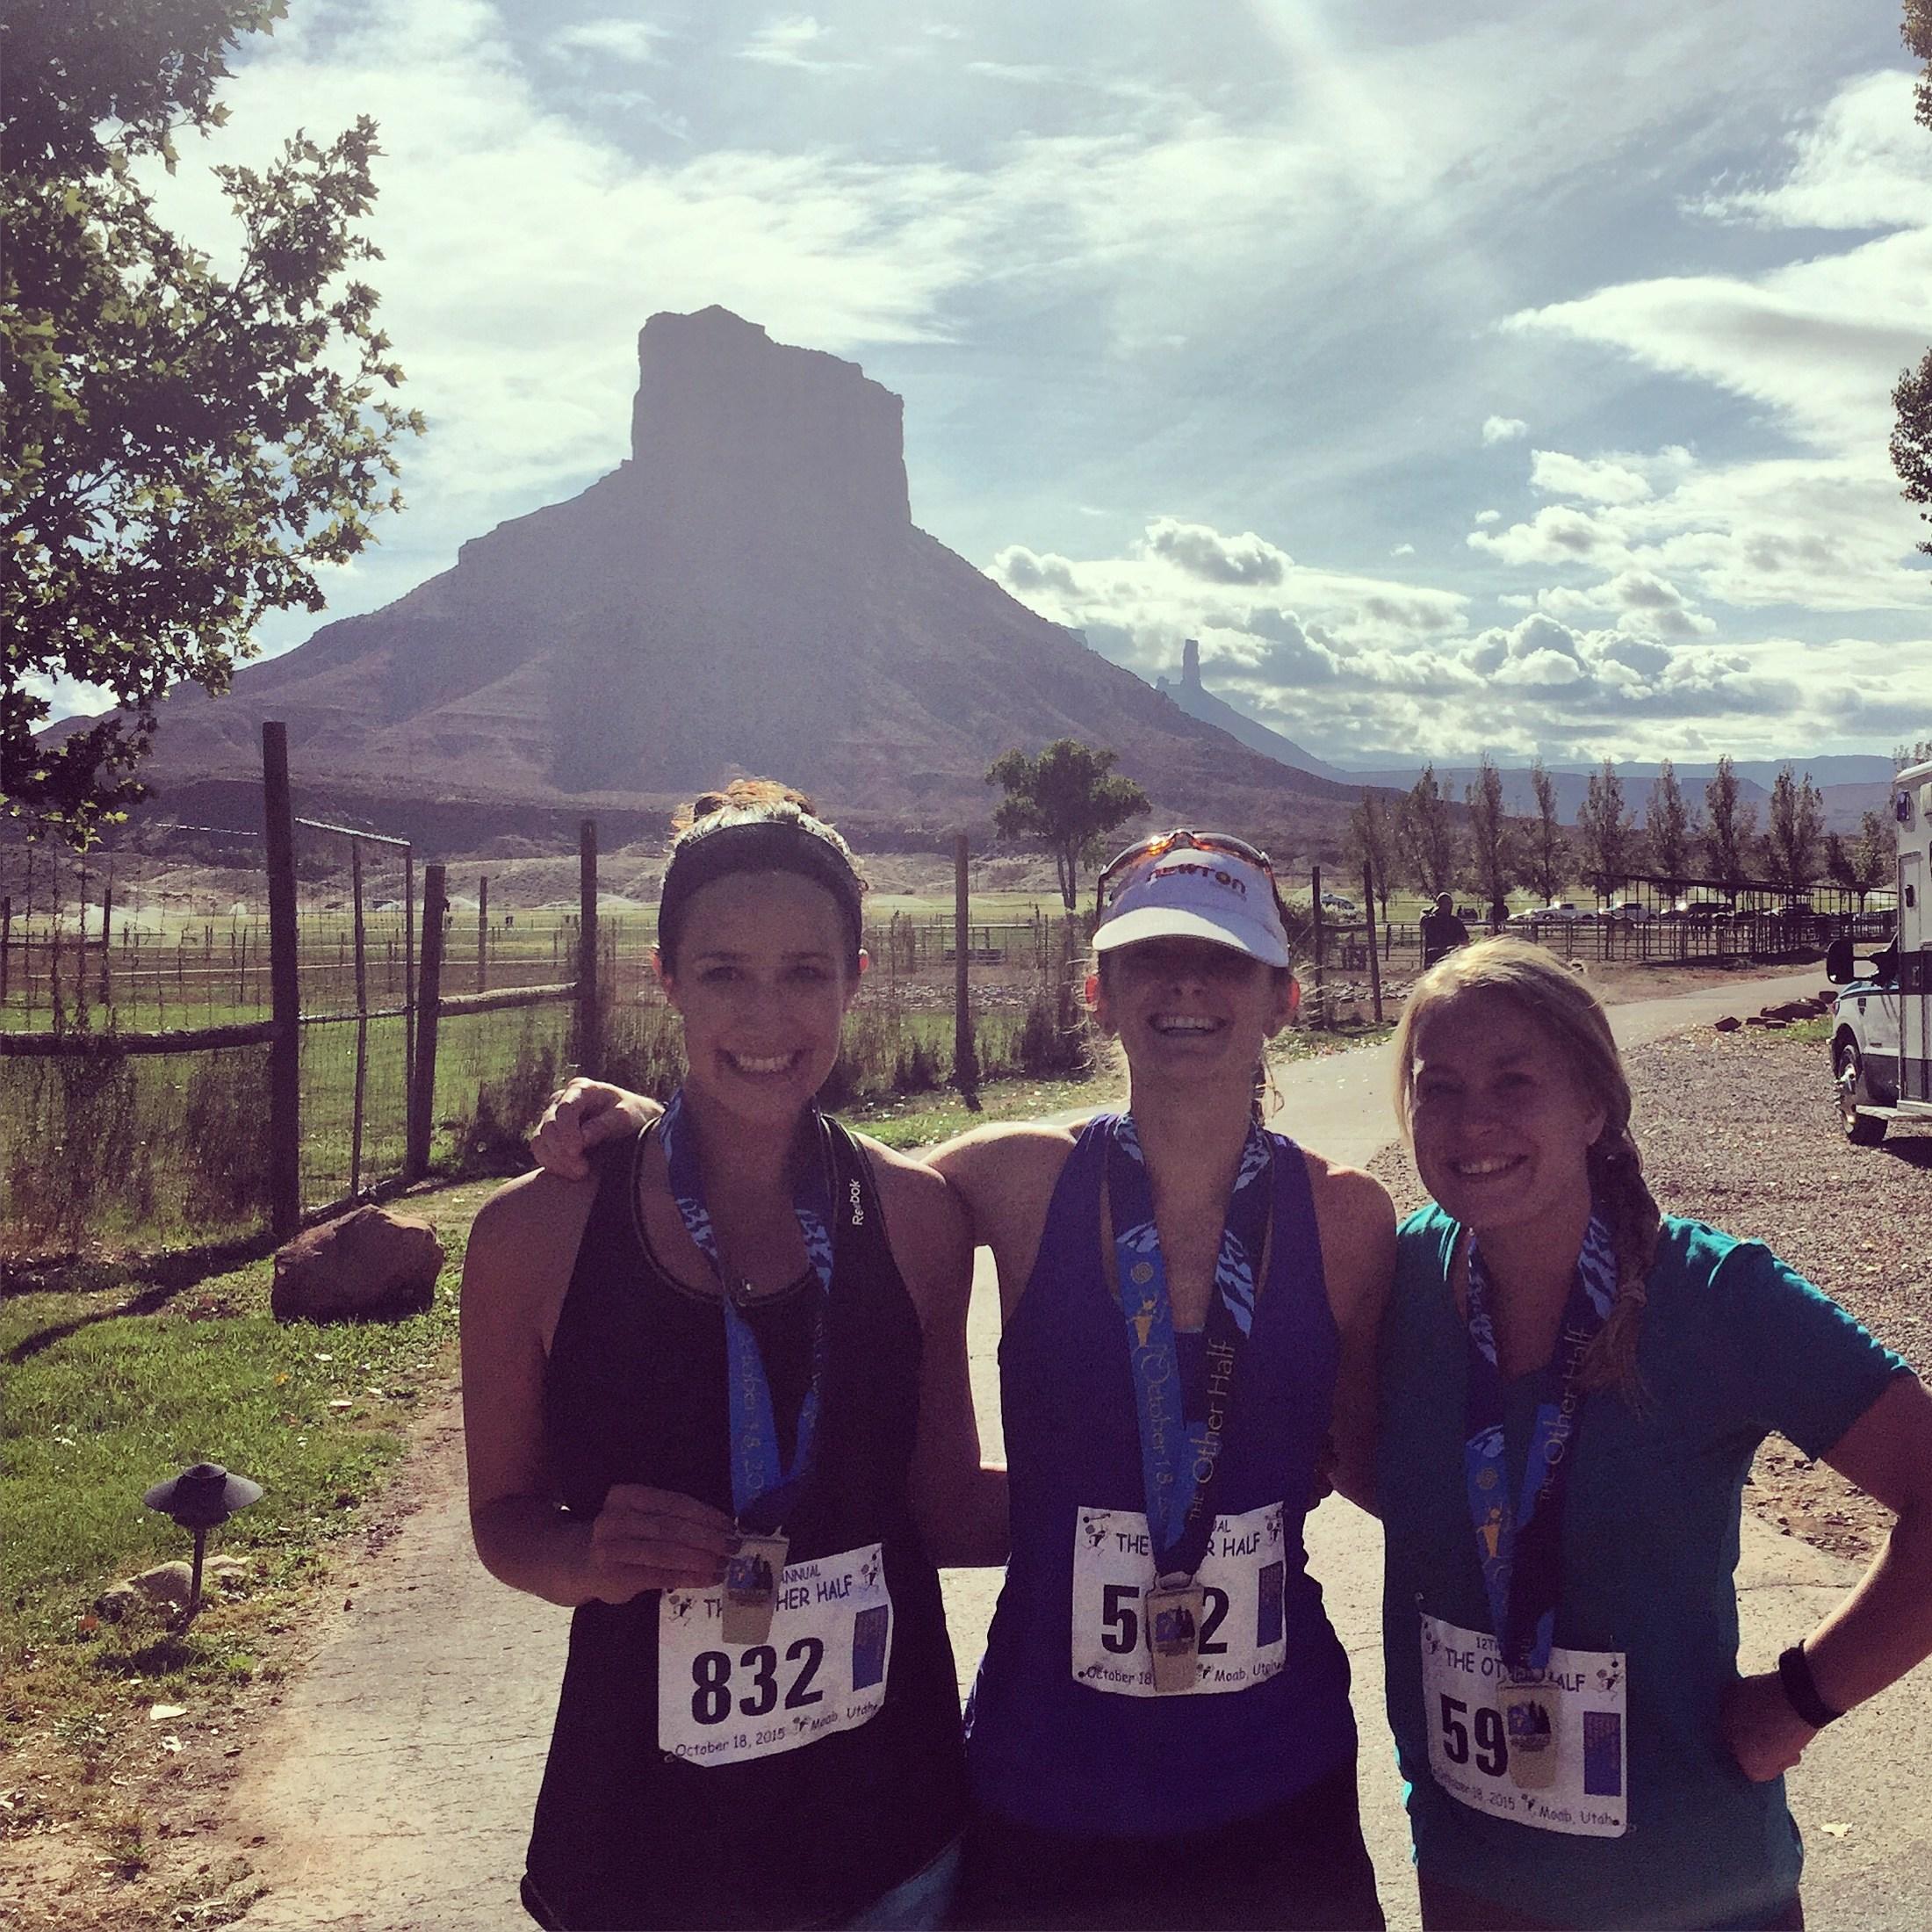 1/2 Marathon in Moab